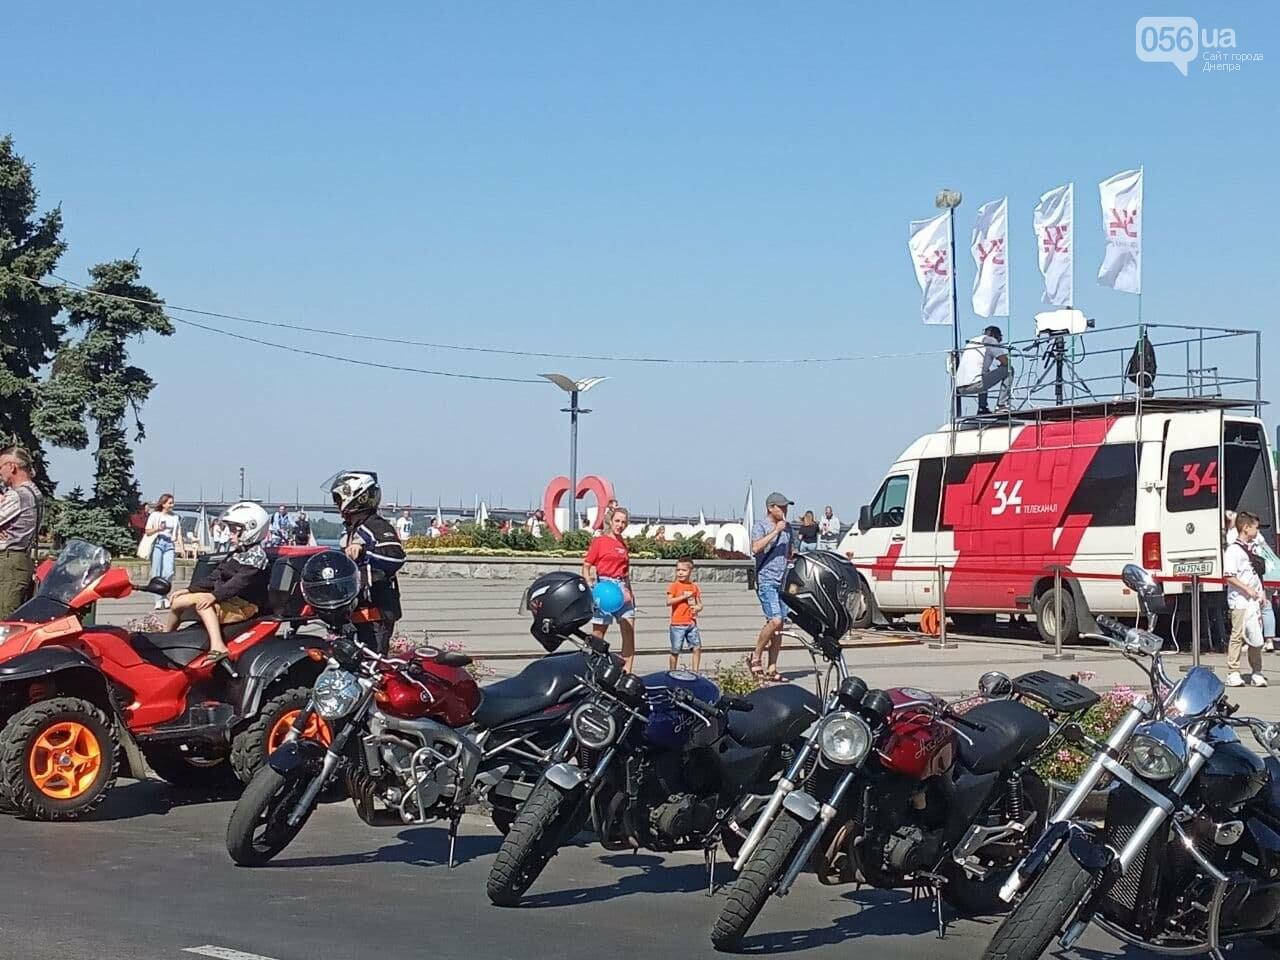 В Днепре байкеры сезон закрыли, но мотоциклы в гараж не поставили, - ФОТО, ВИДЕО, фото-6